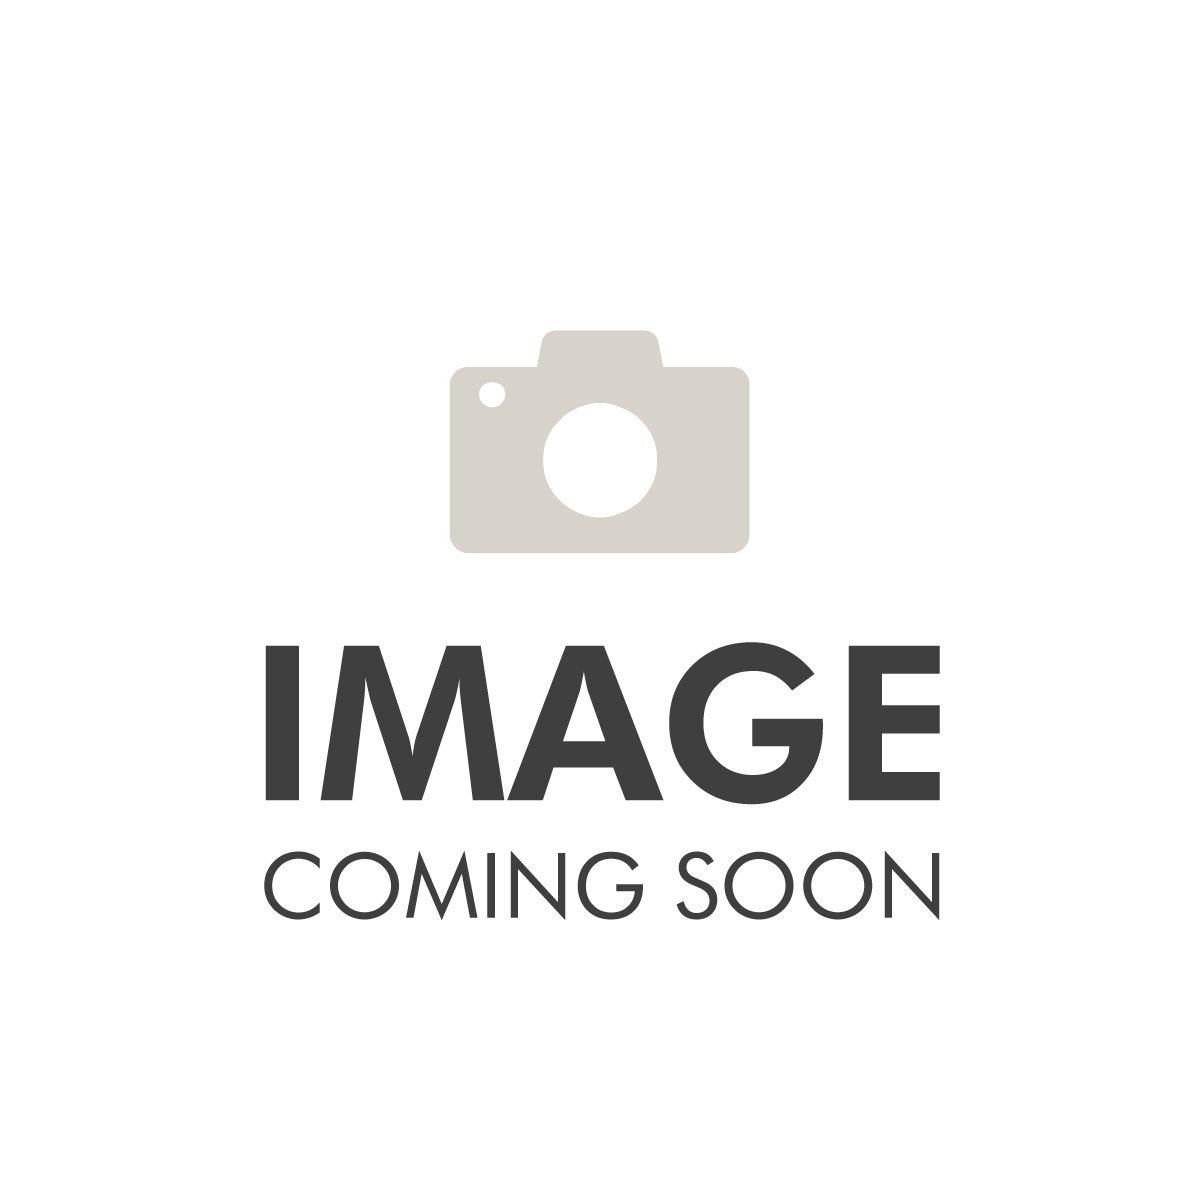 Leon Paul - Socle 4mm pour intérieur de garde - Long